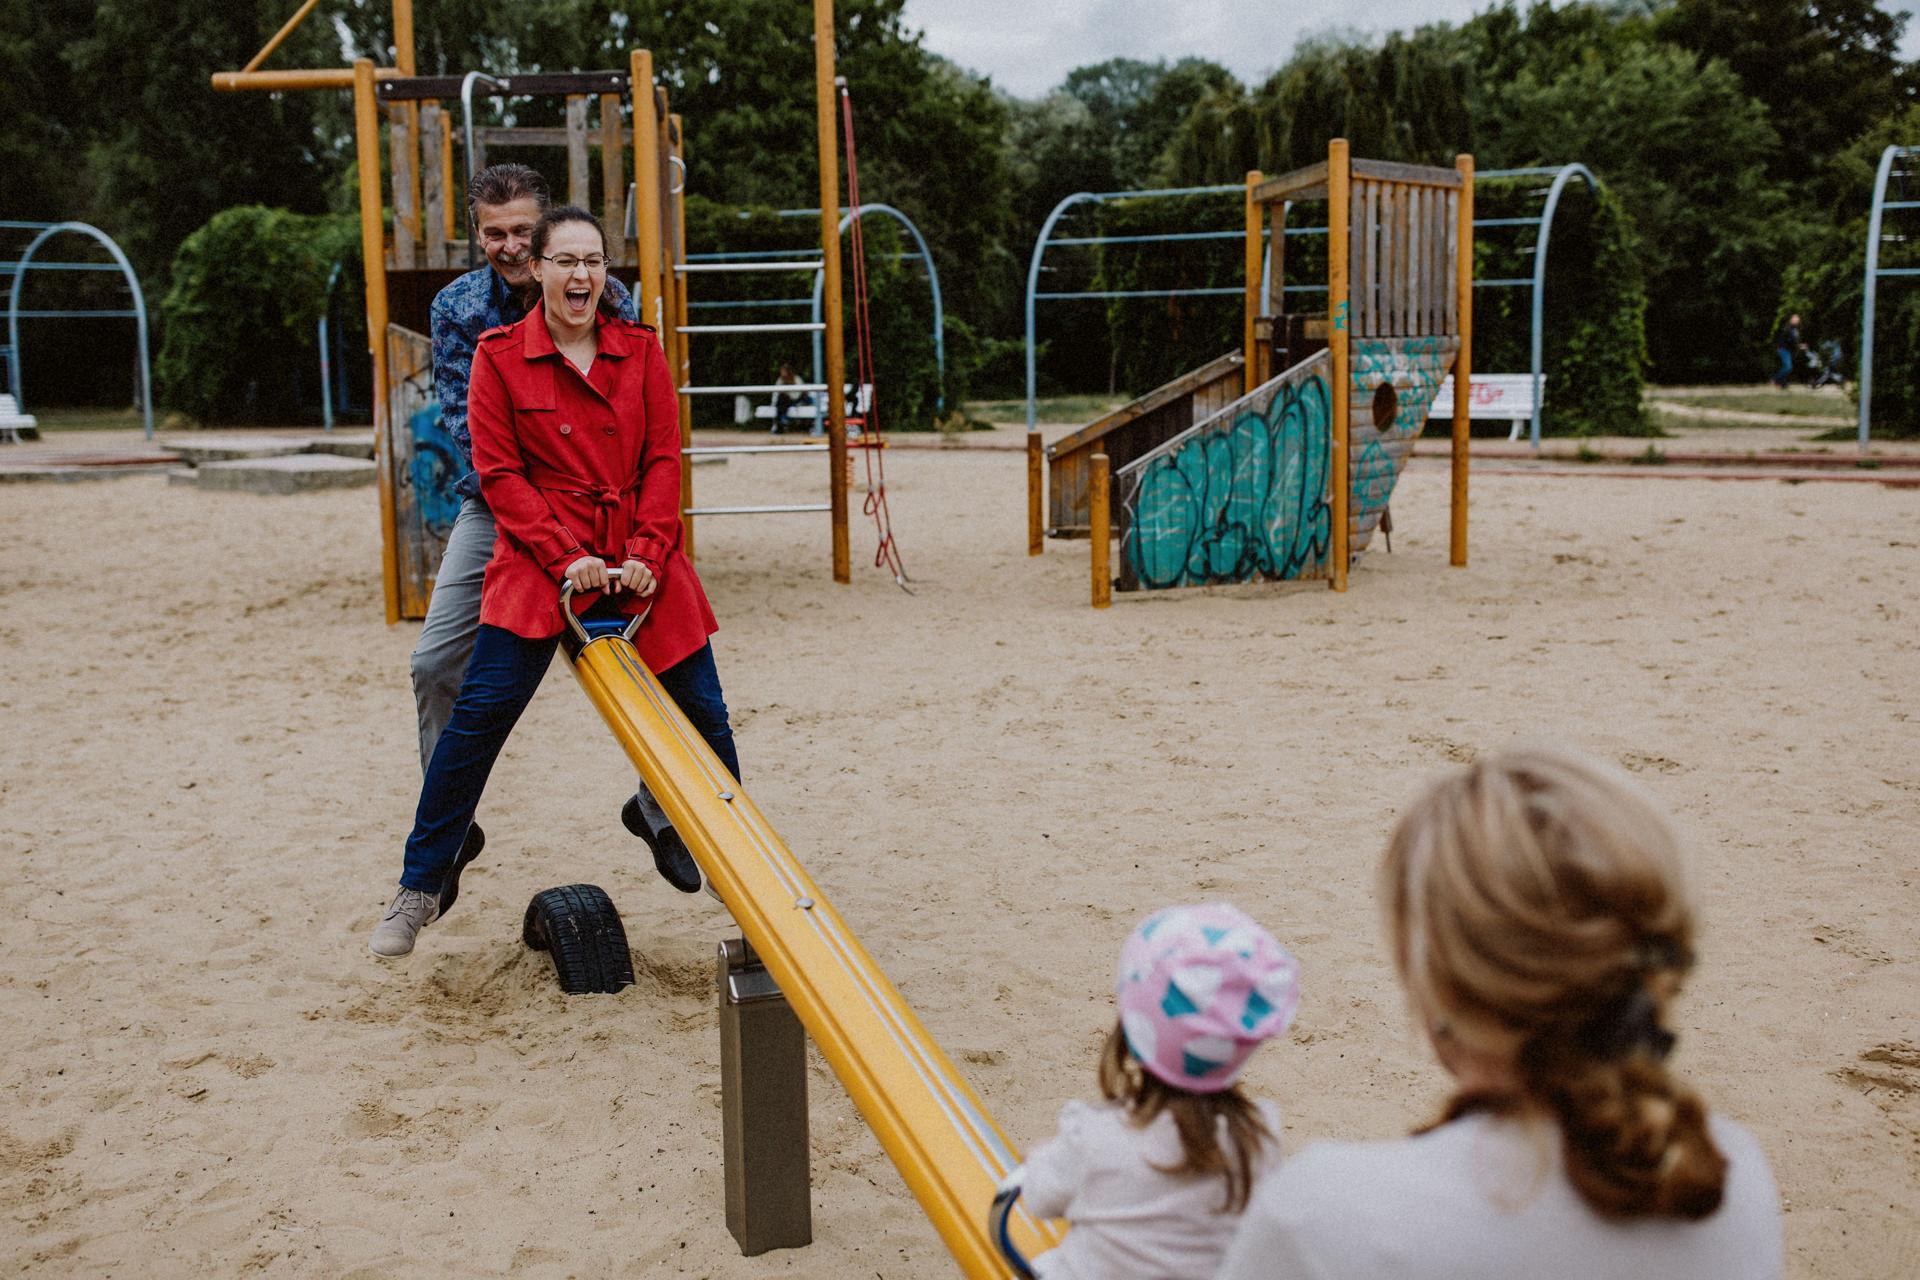 Familienfotos Spielplatz